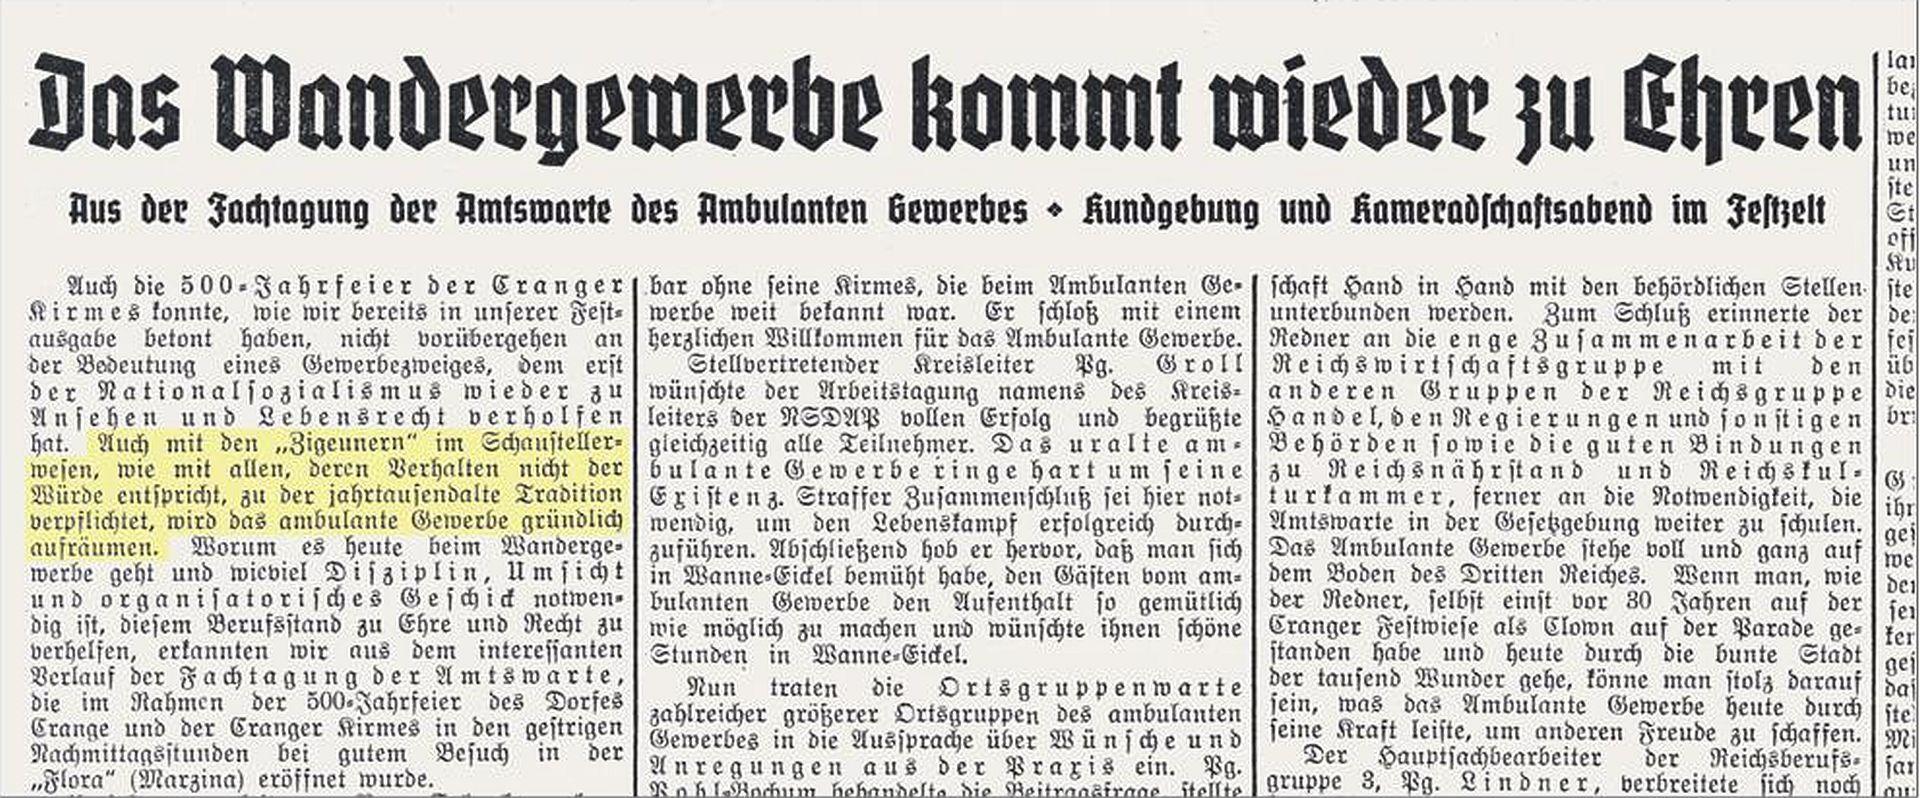 Westfälische Landeszeitung Rote Erde vom 13.08.1935.jpg